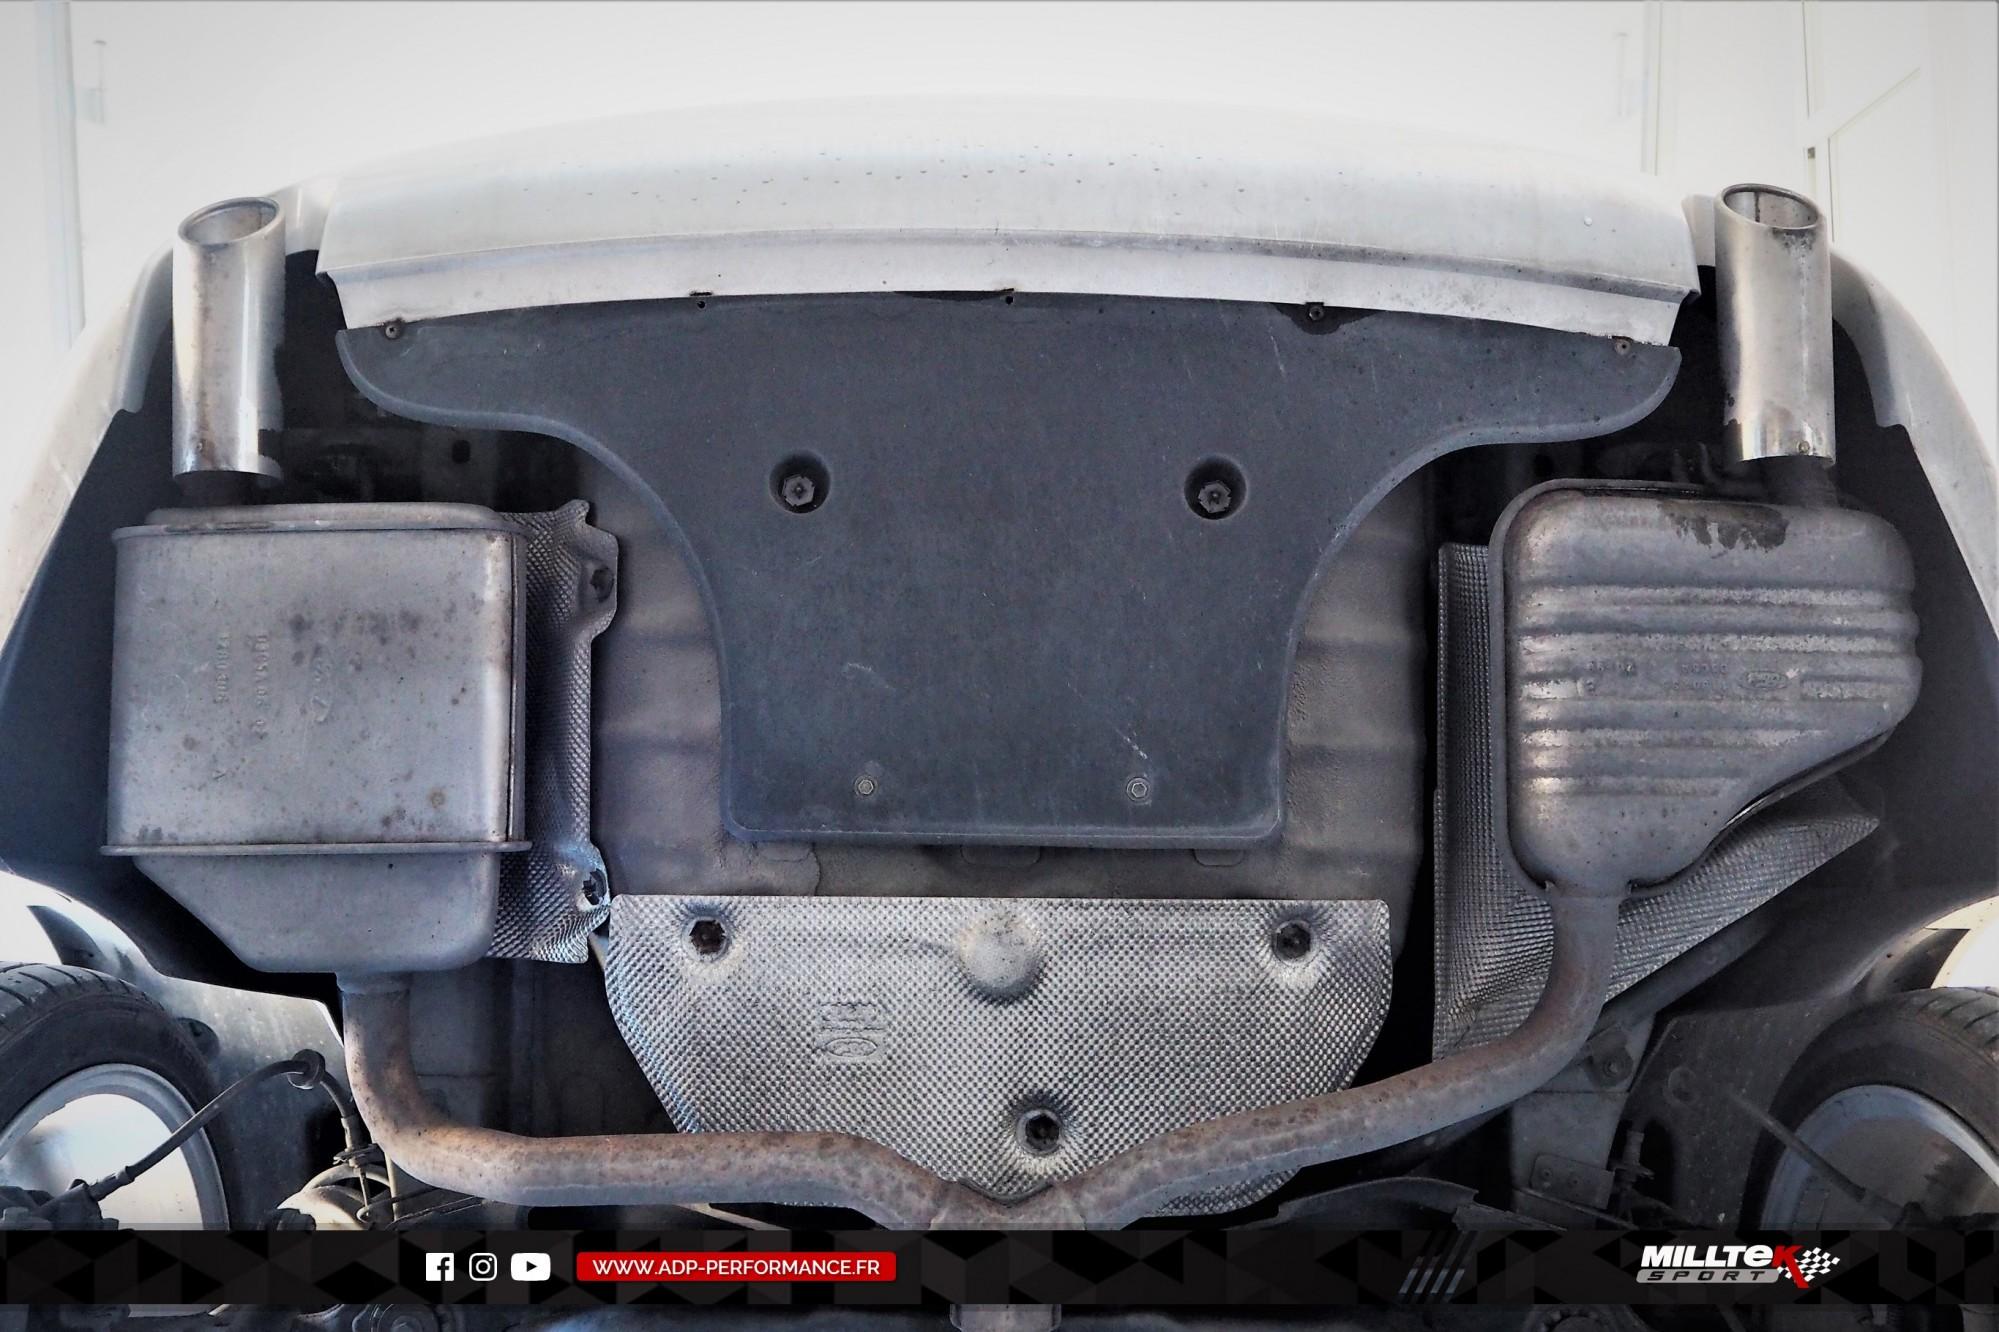 Ligne d'échappement (cat-back) Milltek Vitrolles - Ford Mondeo ST220 - ADP Performance